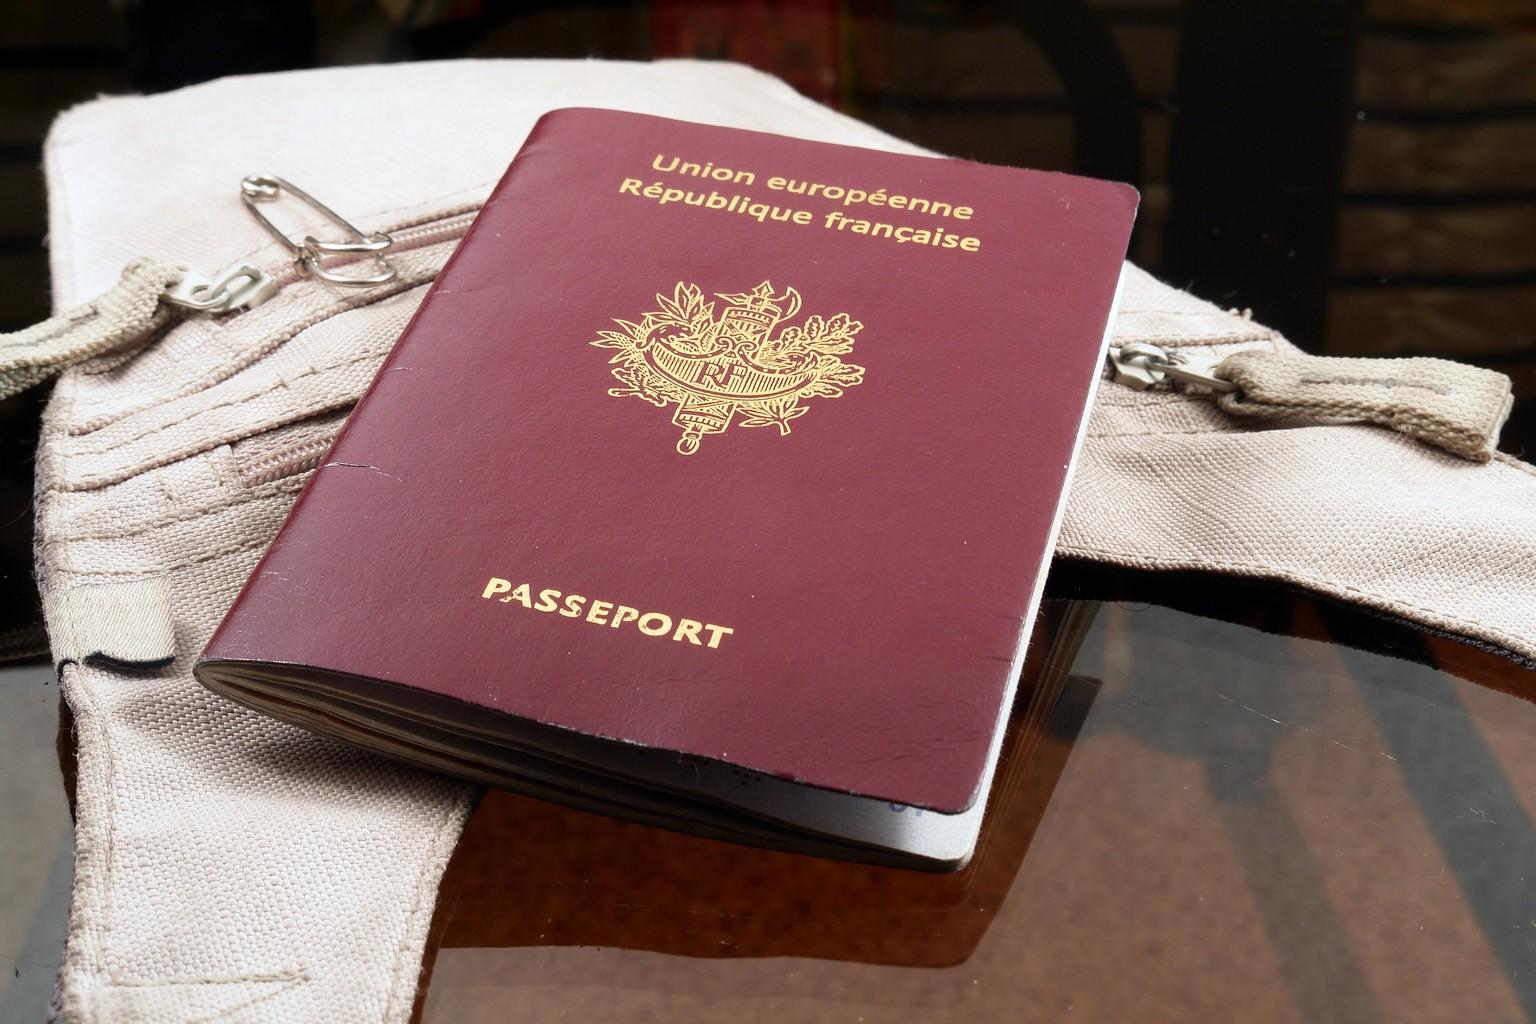 comment faire une demande de passeport